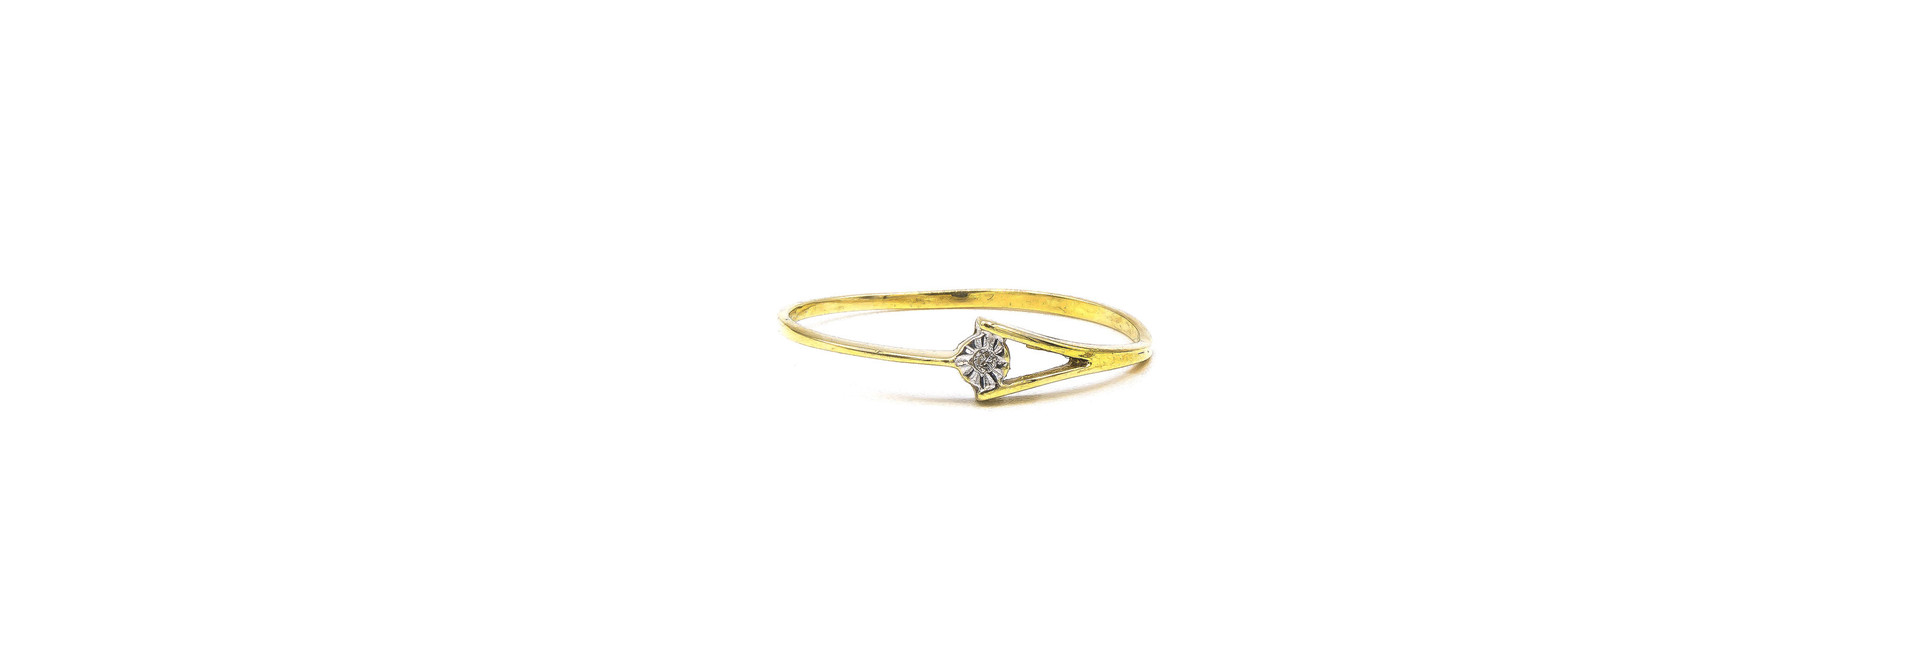 Ring gespleten met diamant